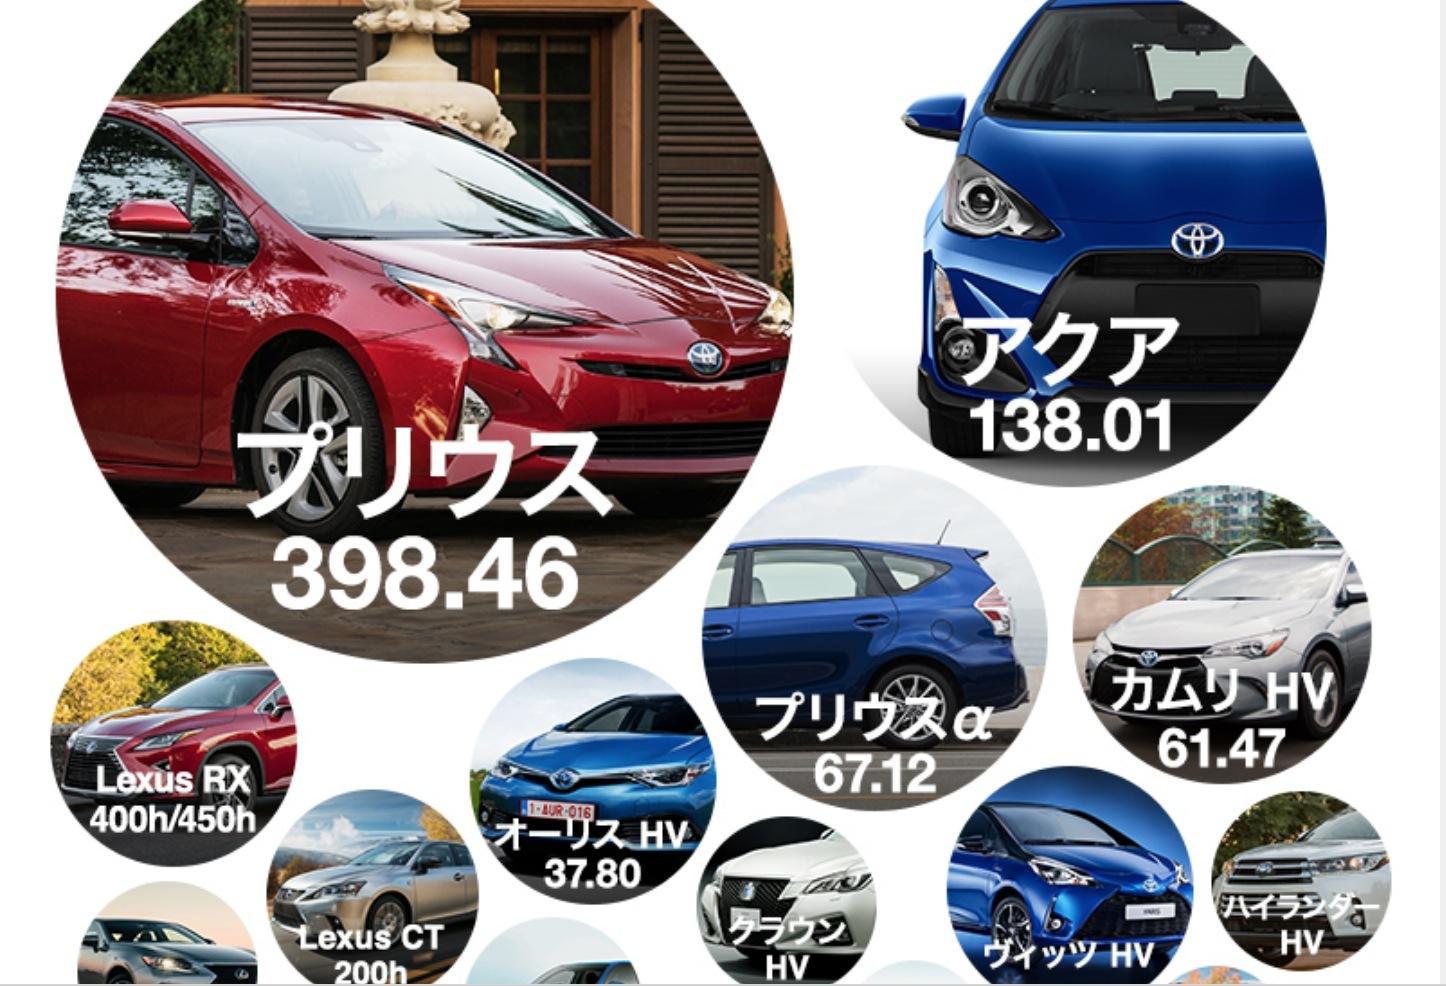 トヨタは2017年1月にハイブリッドカーの累計生産台数1000万台を突破、近年生産能力は加速度的に向上している